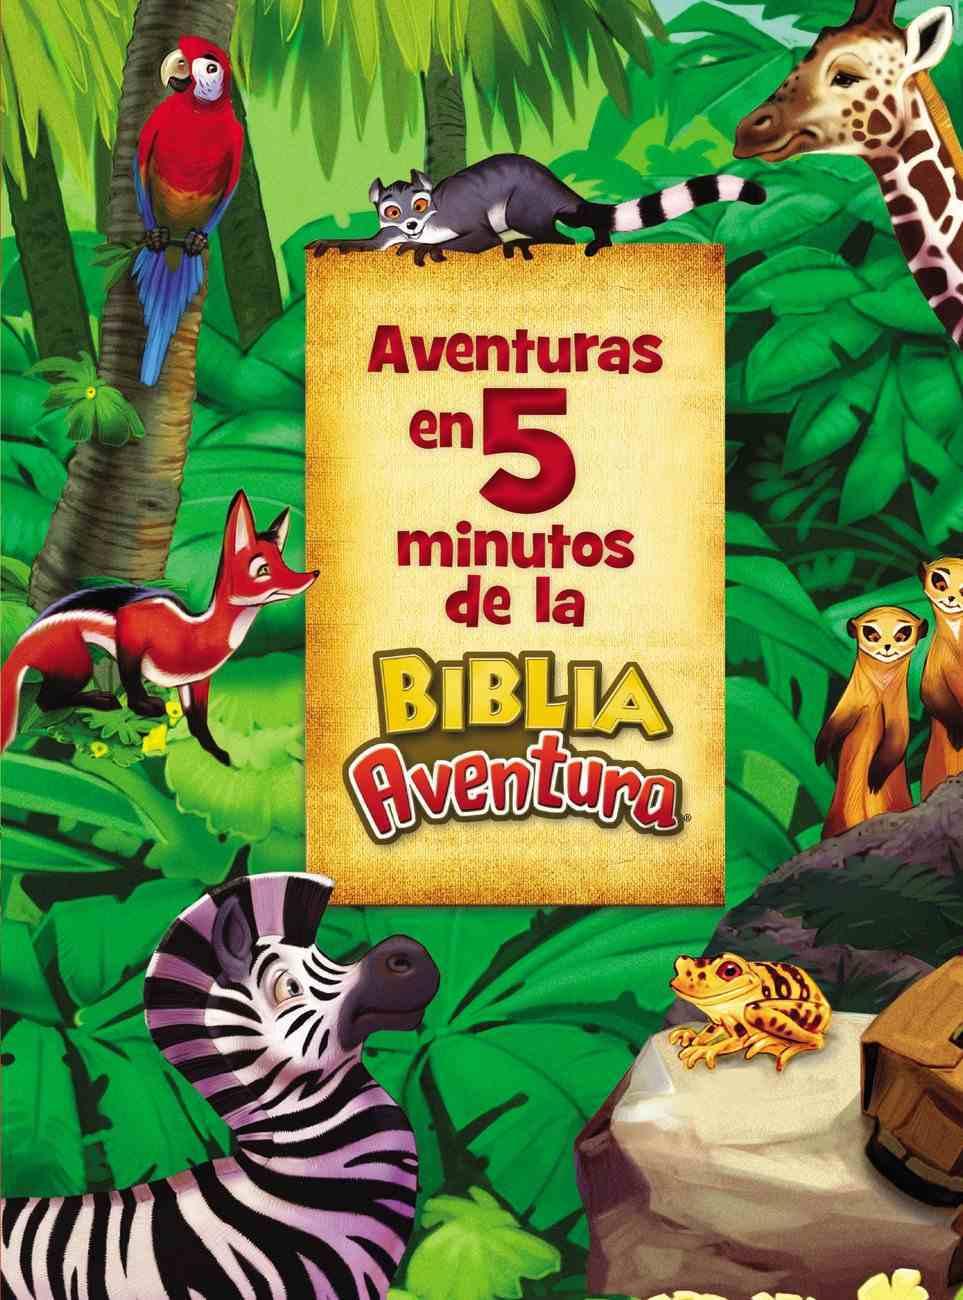 Adventuras En 5 Minutos De La Biblia Adventura Hardback